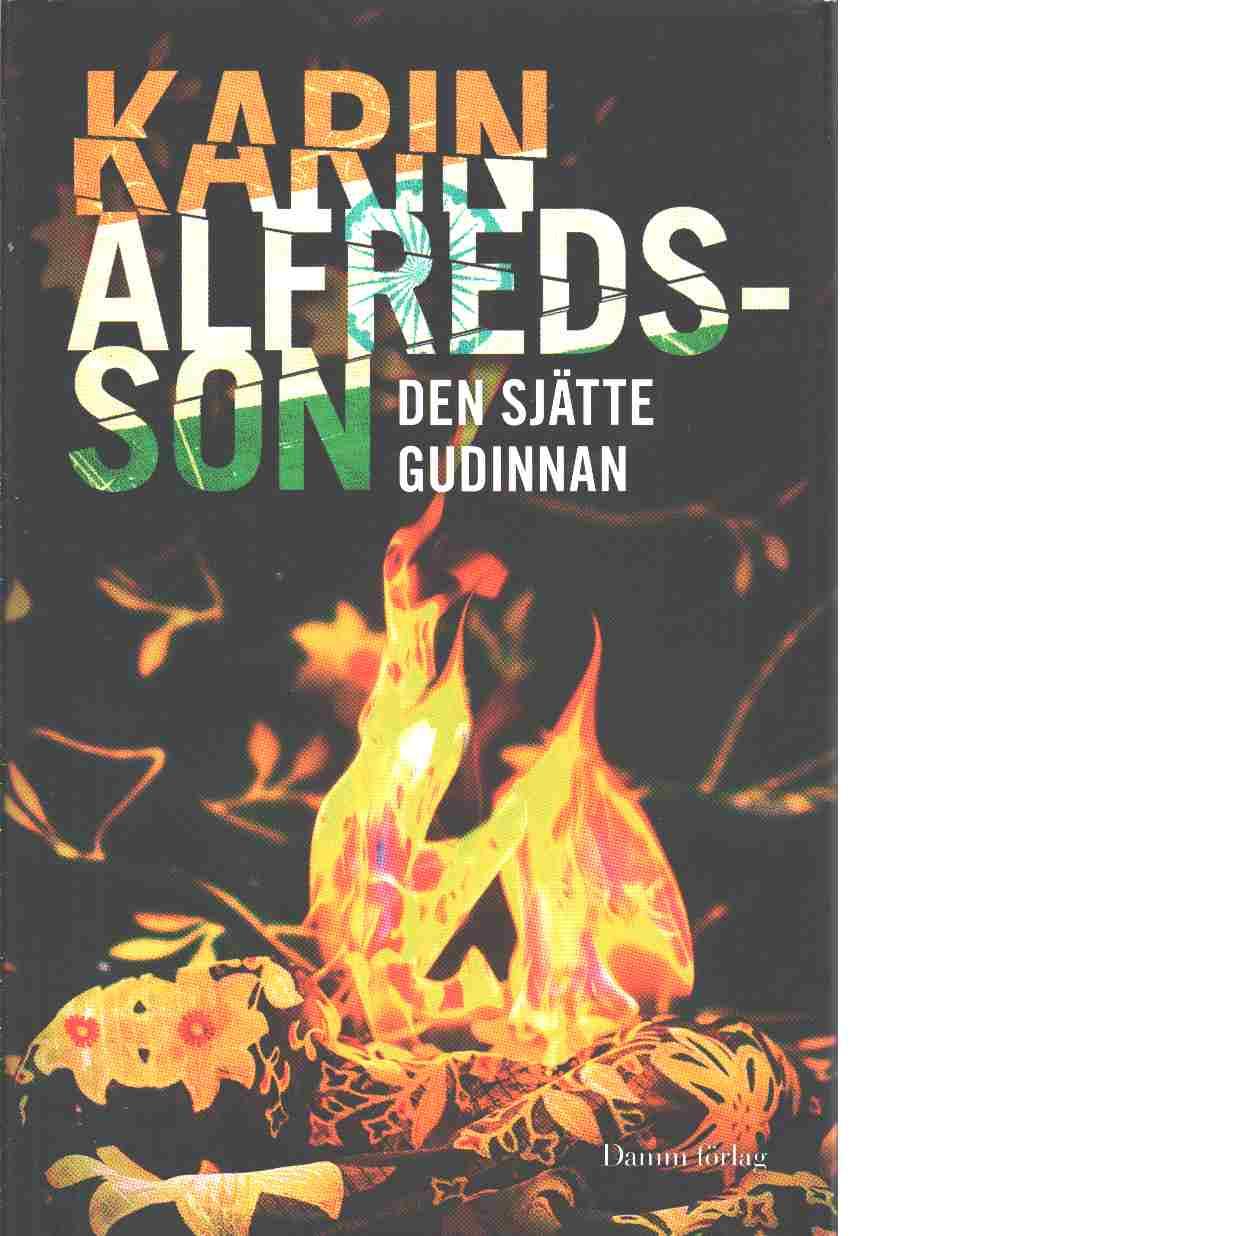 Den sjätte gudinnan - Alfredsson, Karin